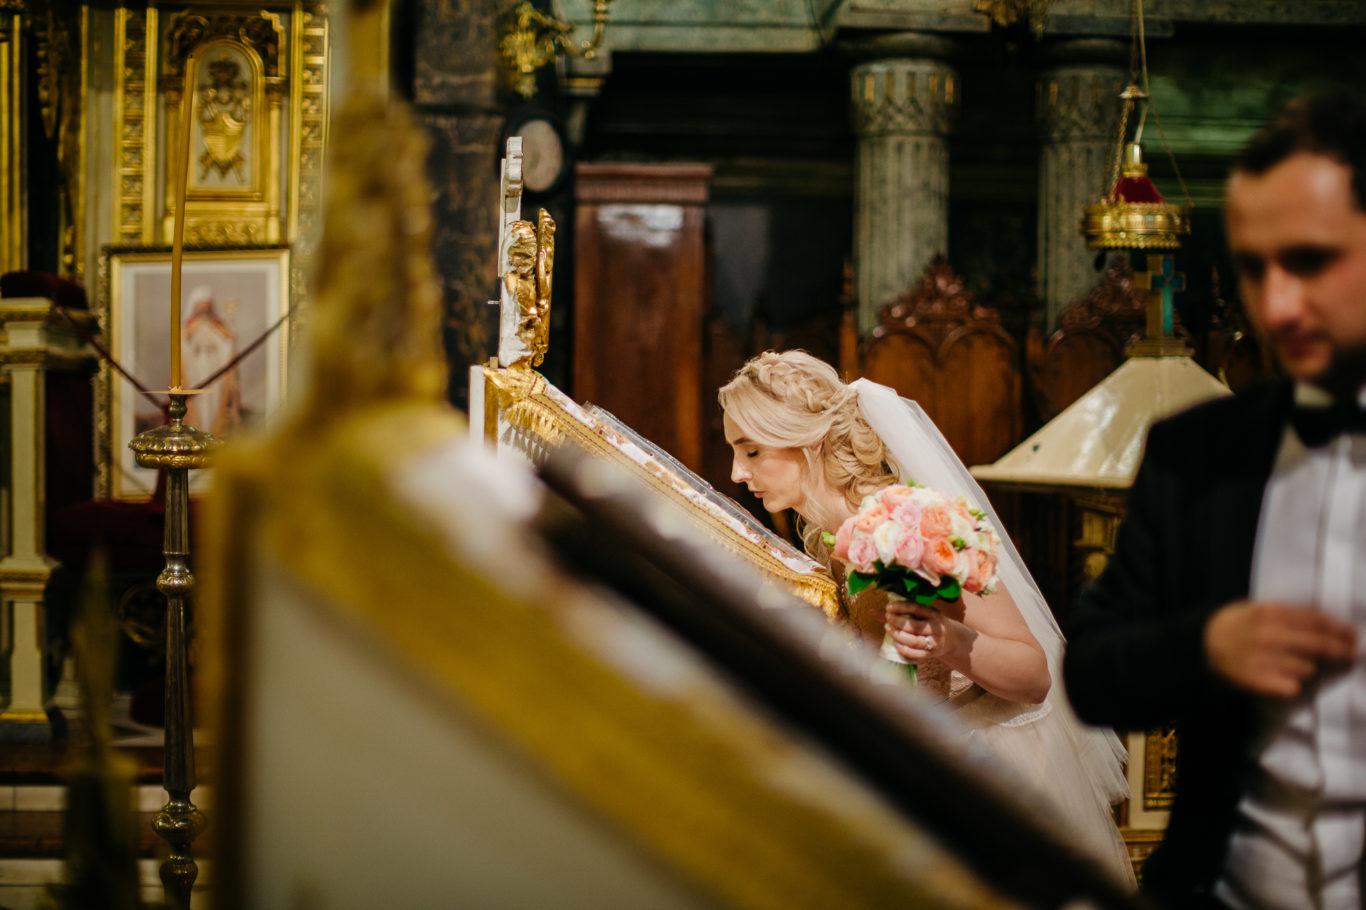 0682-Fotografie-nunta-Mirela-Iulian-fotograf-Ciprian-Dumitrescu-DCF_7614